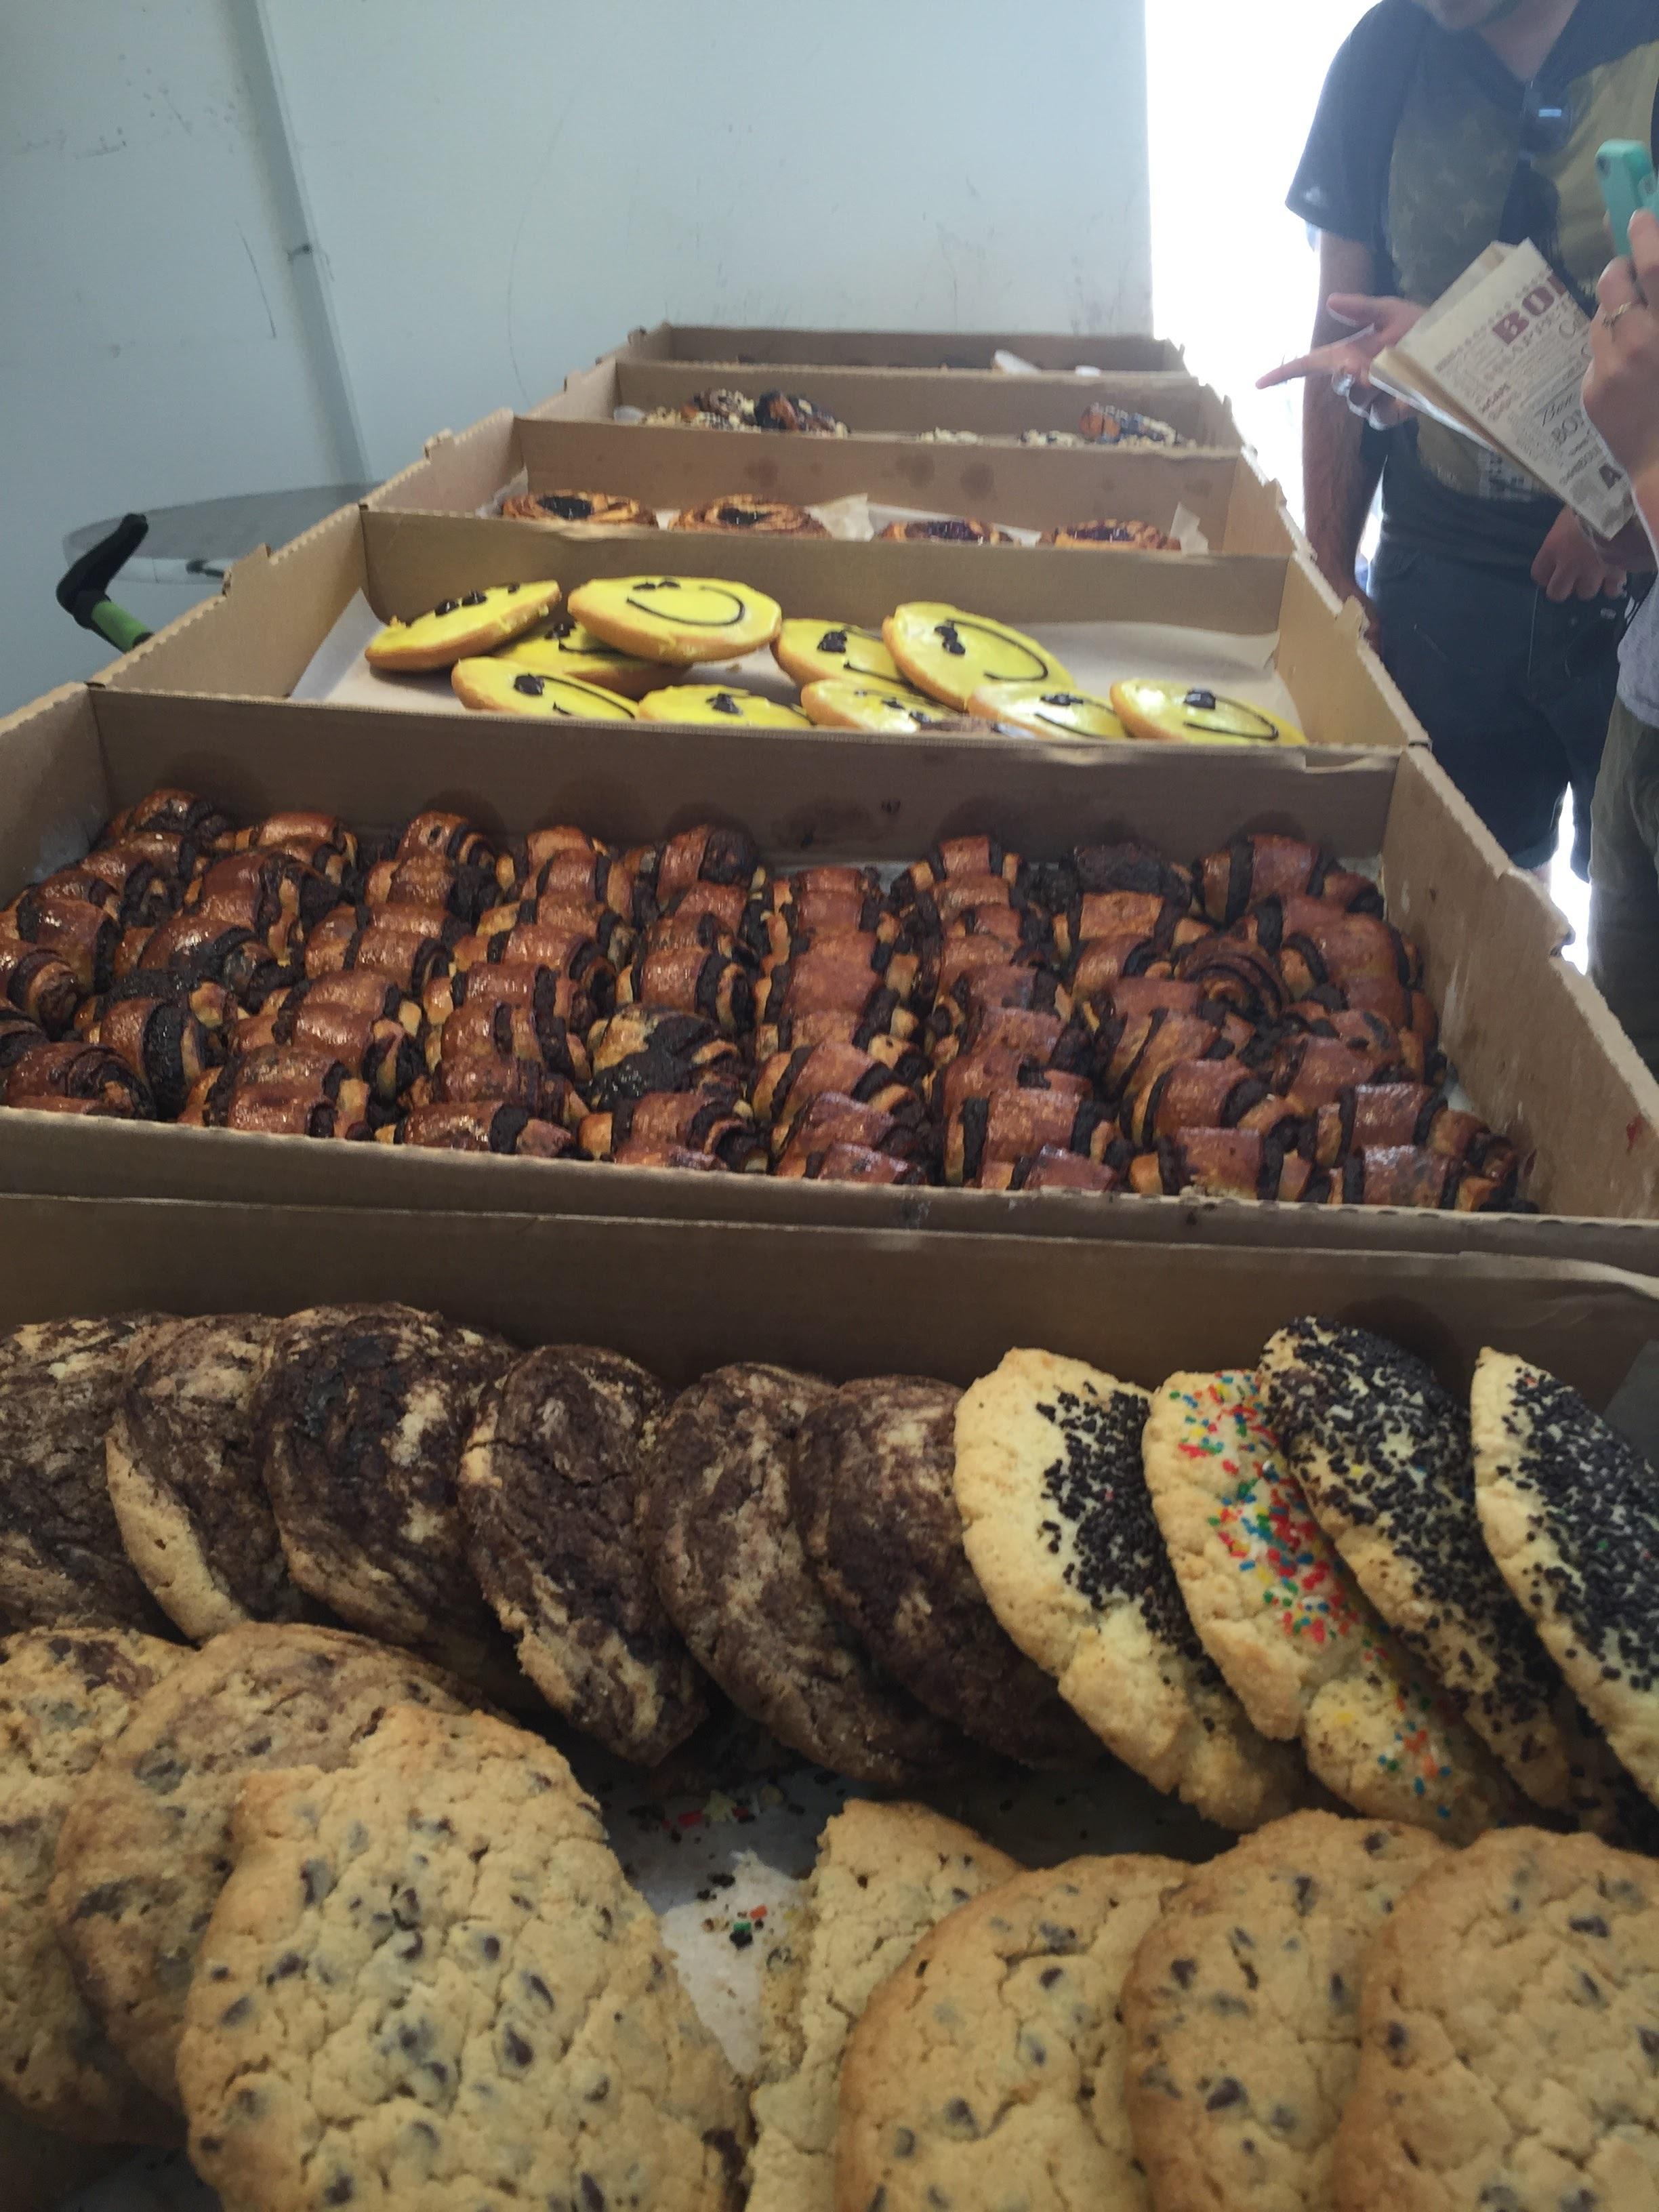 Snack break in Jerusalem